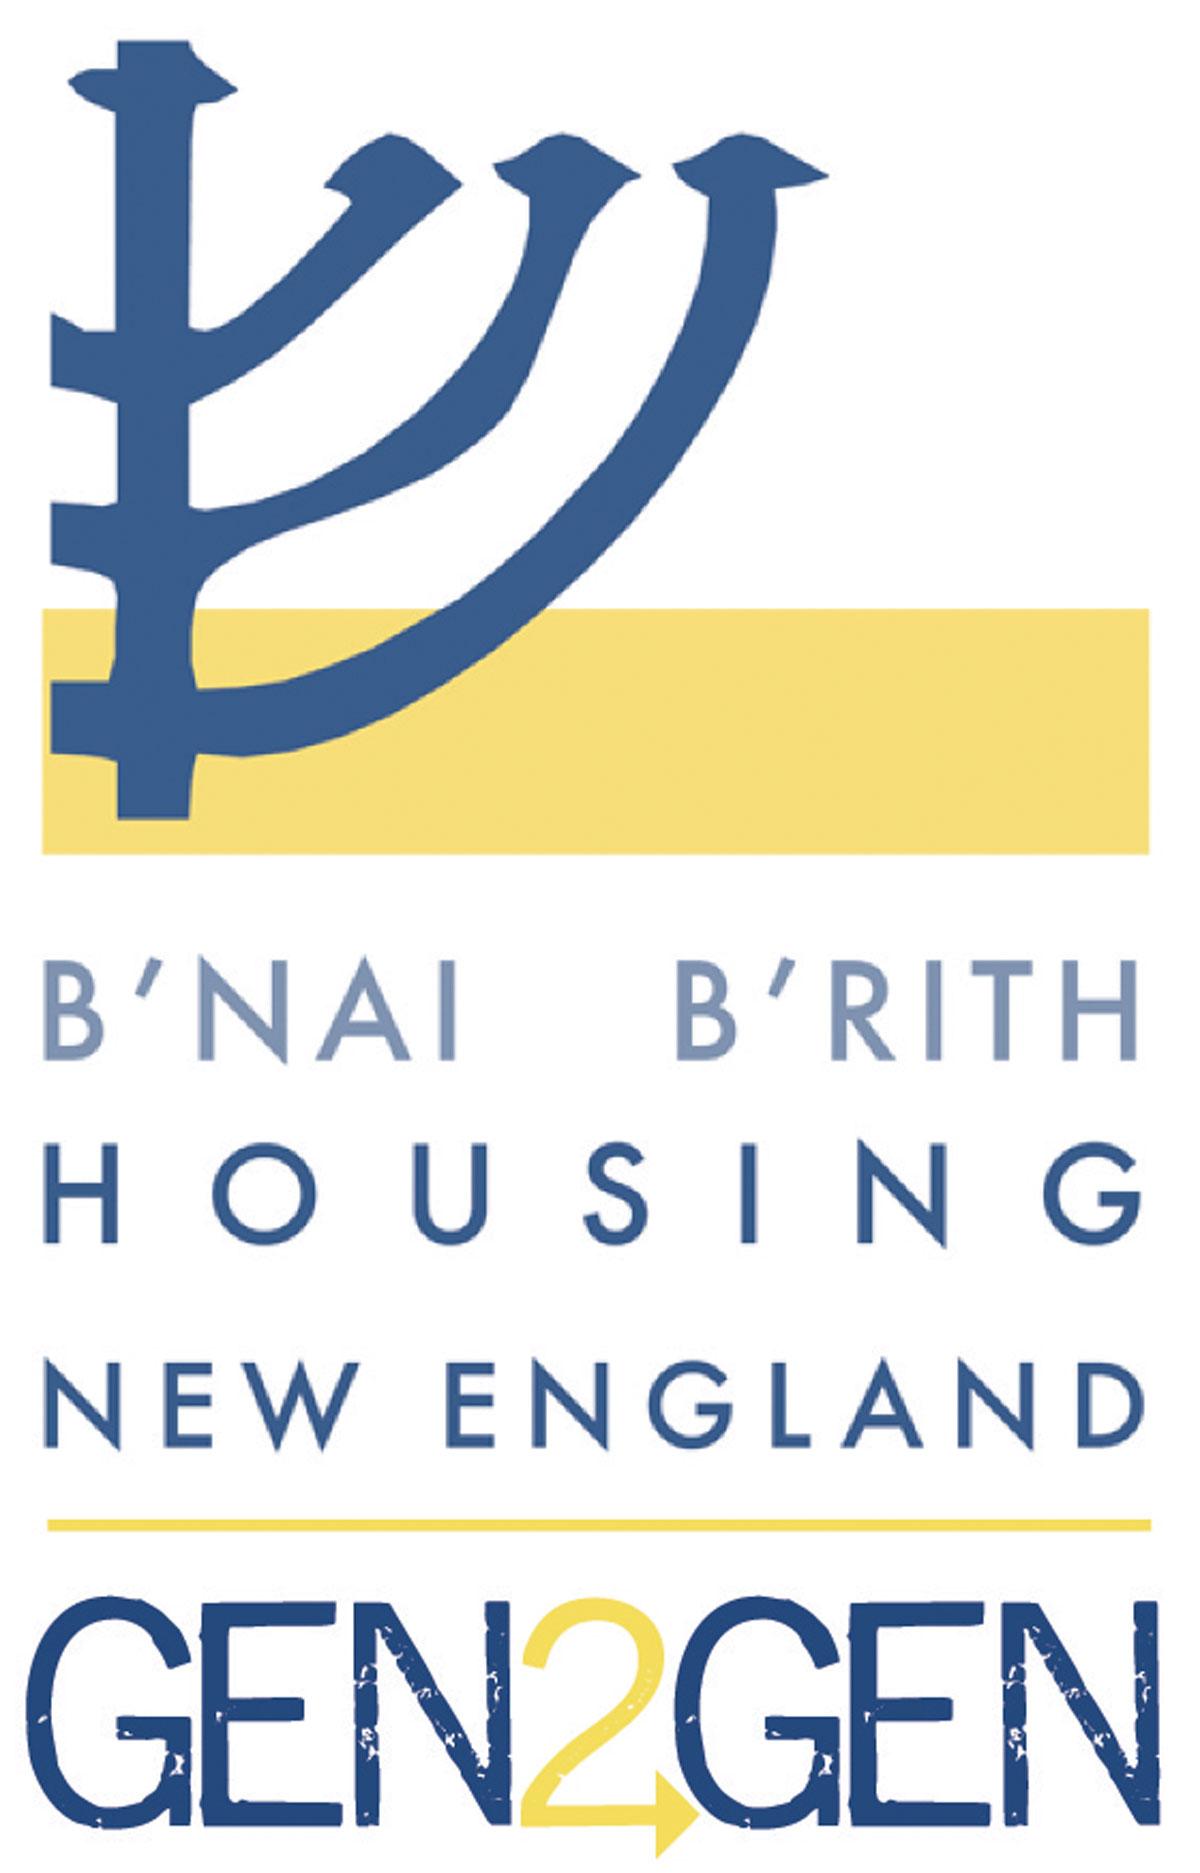 B'nai B'rith G2G Logo